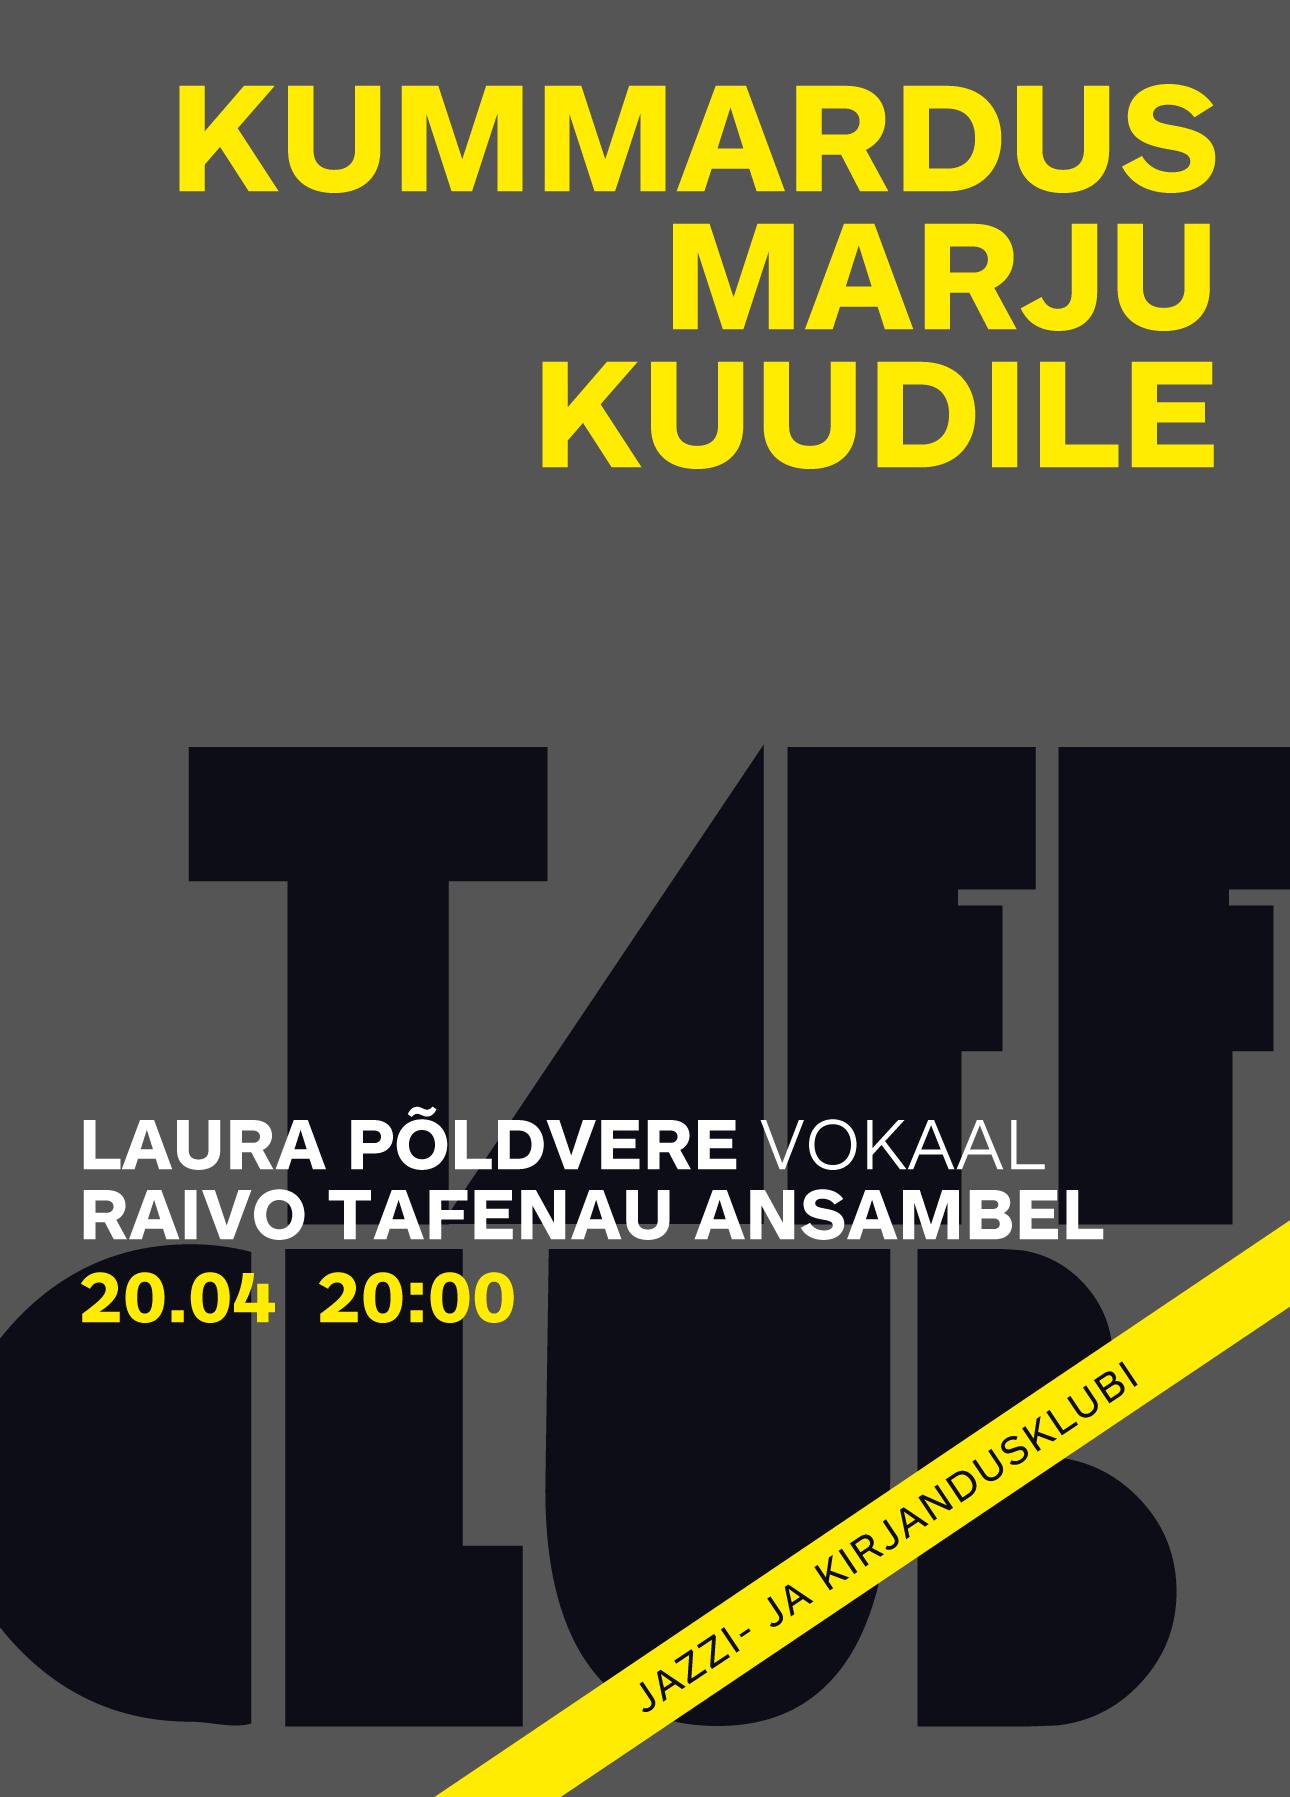 TAFF CLUB. KUMMARDUS MARJU KUUDILE